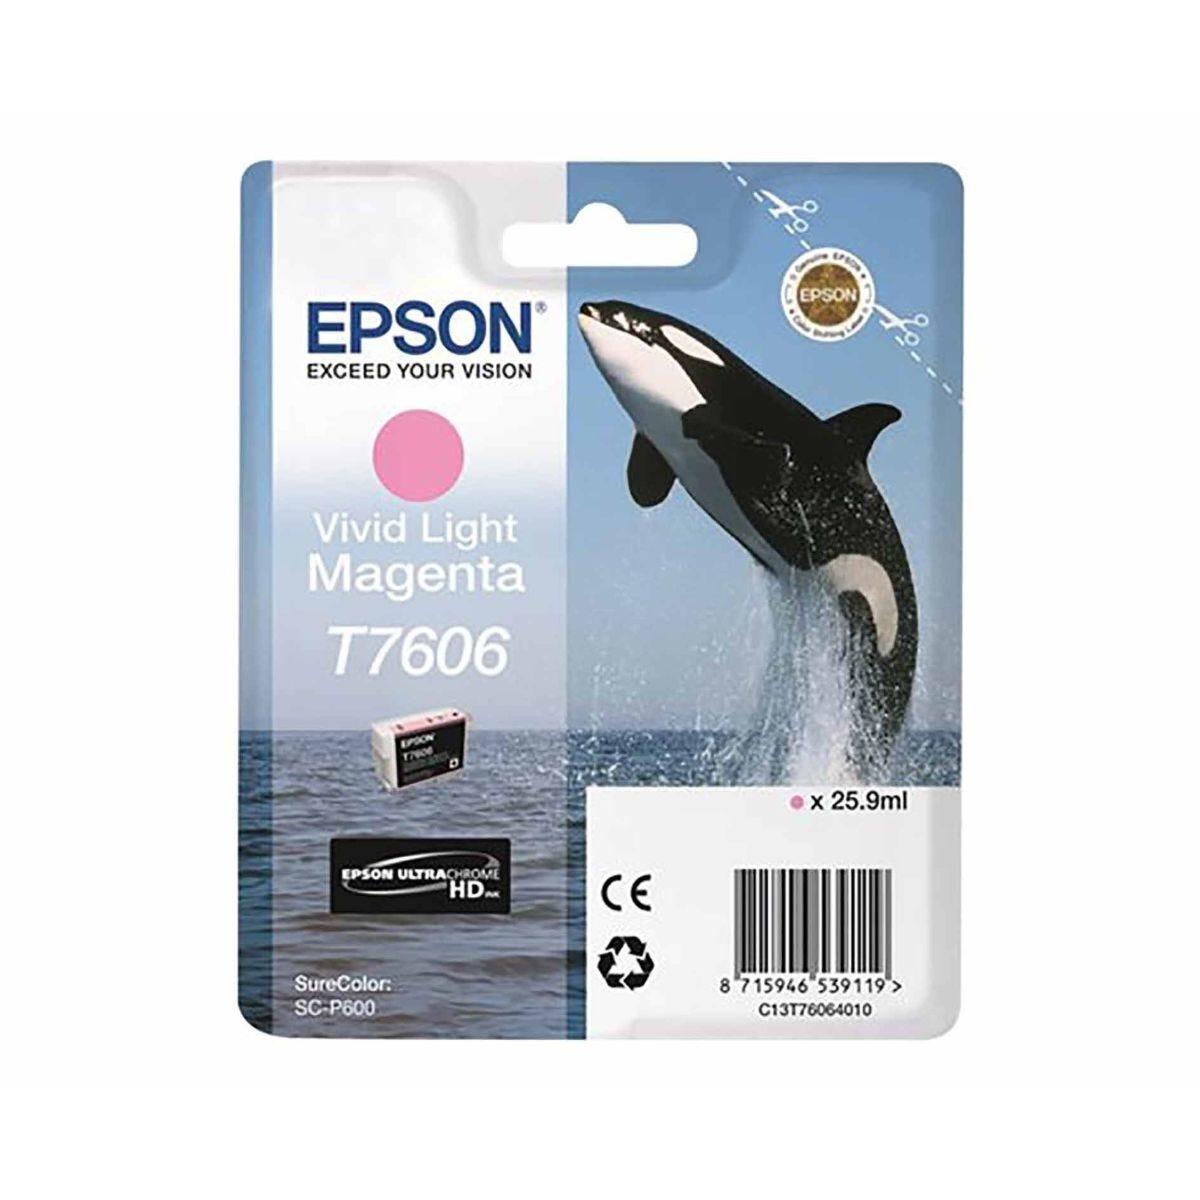 Epson T7606 Vivid Ink Light Magenta